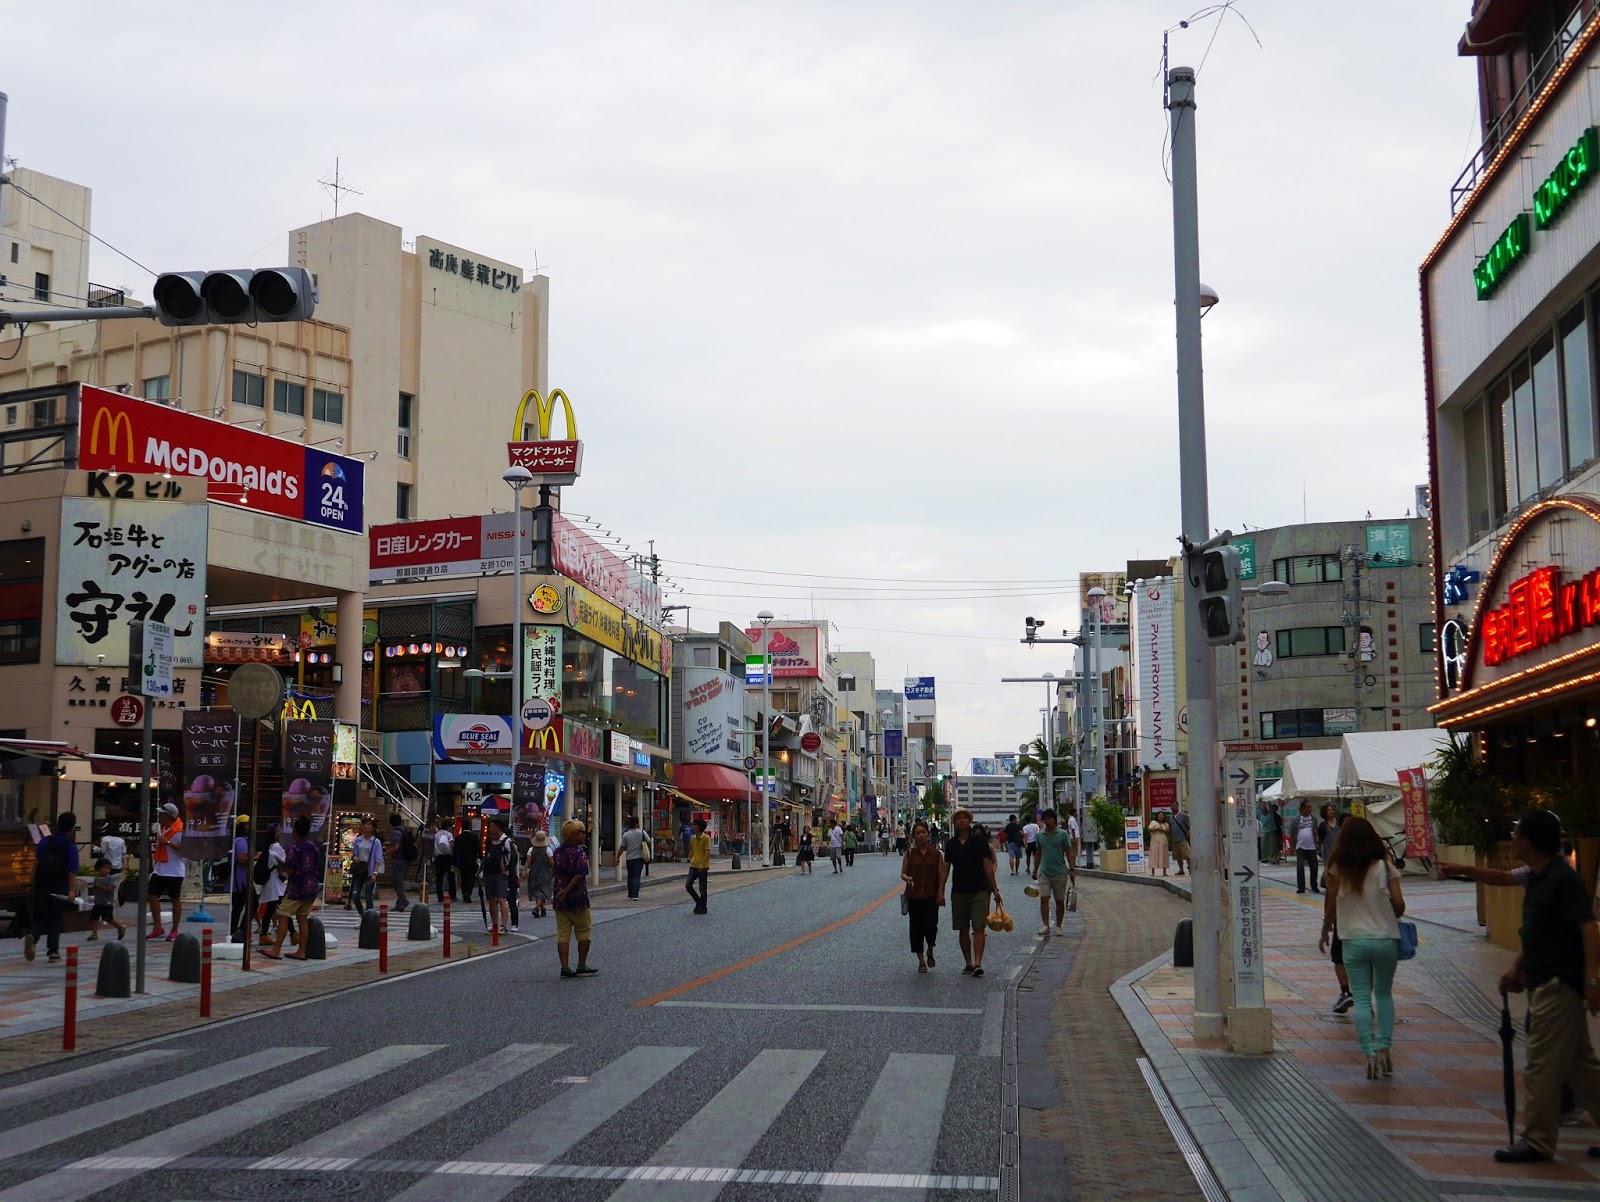 沖繩-國際通-購物-逛街-景點-silver-week-自由行-Okinawa-kokusaidori